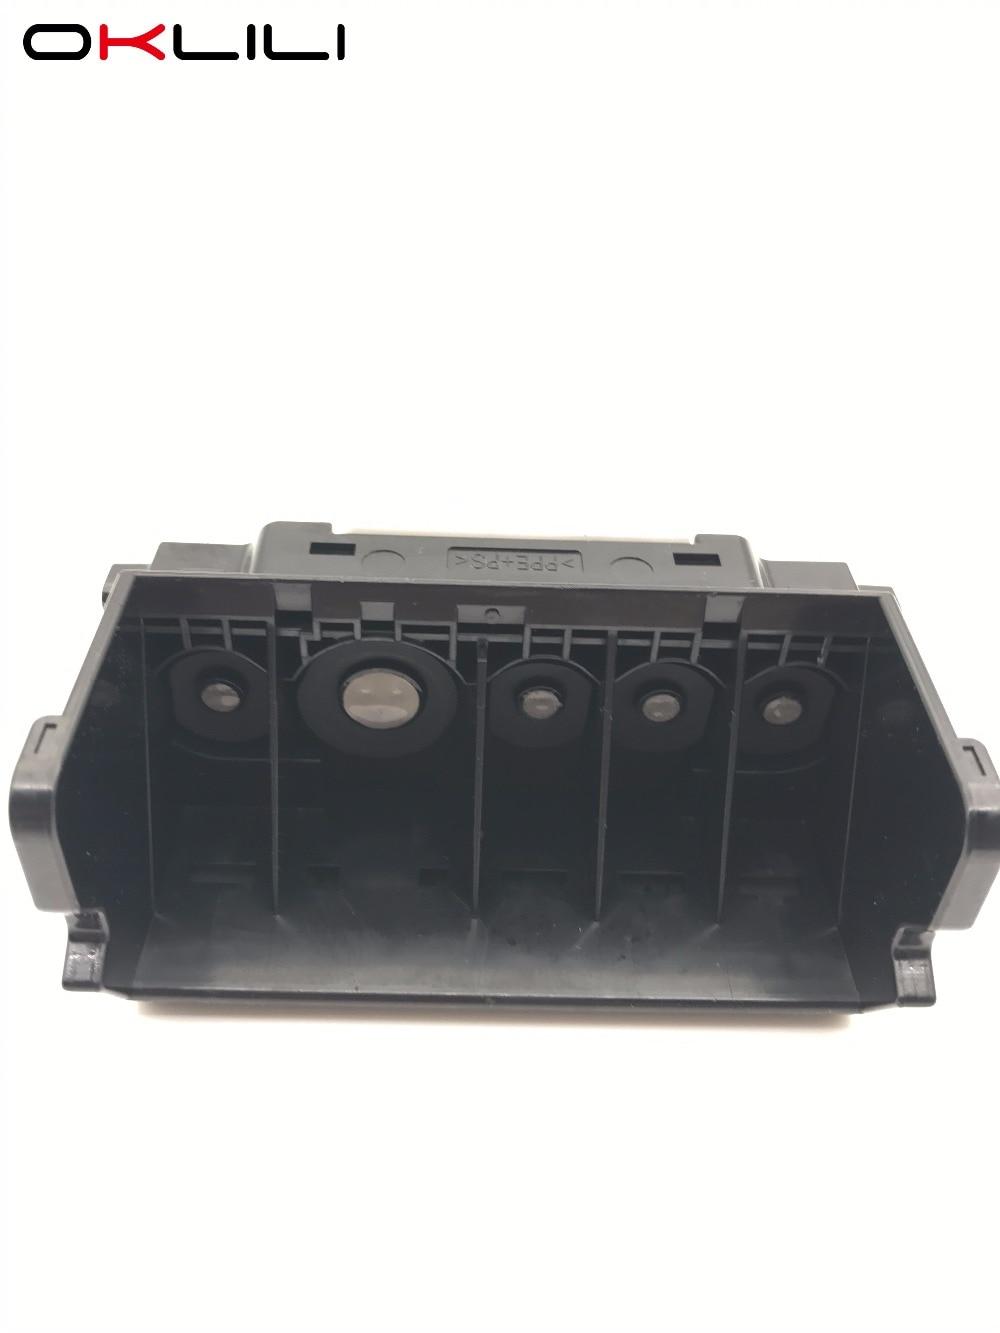 купить QY6-0080 Printhead Print Head Printer Head for Canon iP4820 iP4840 iP4850 iX6520 iX6550 MX715 MX885 MG5220 MG5250 MG5320 MG5350 по цене 4419.16 рублей